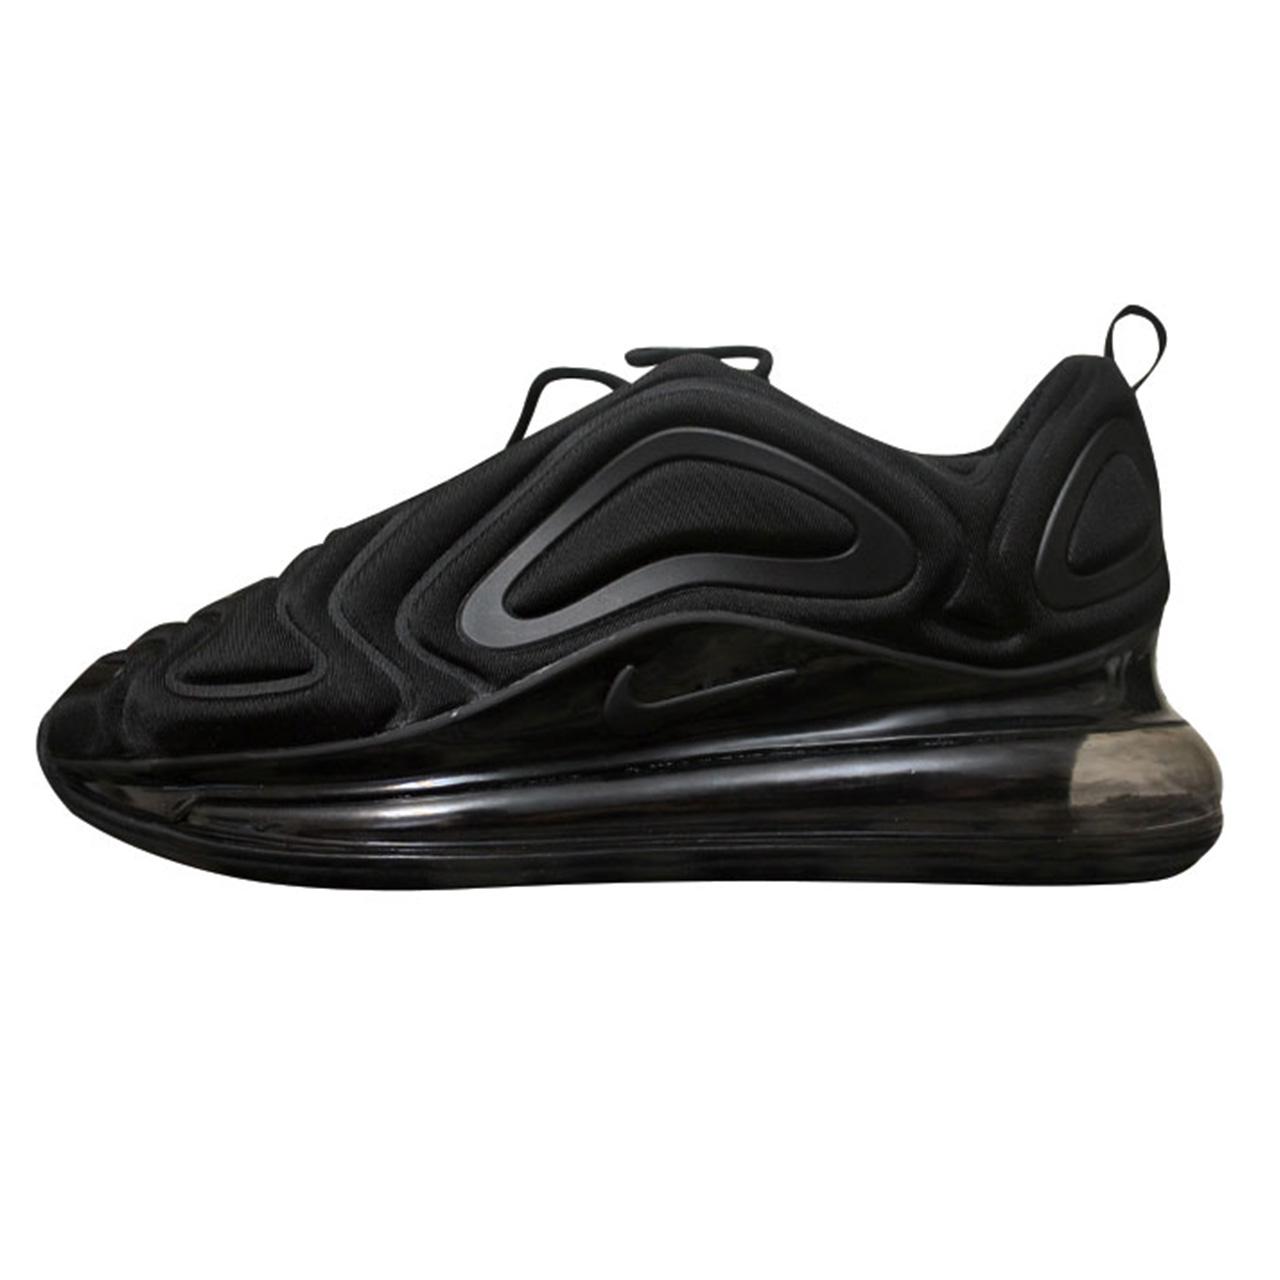 قیمت کفش مخصوص پیاده روی مردانه مدل Air 720